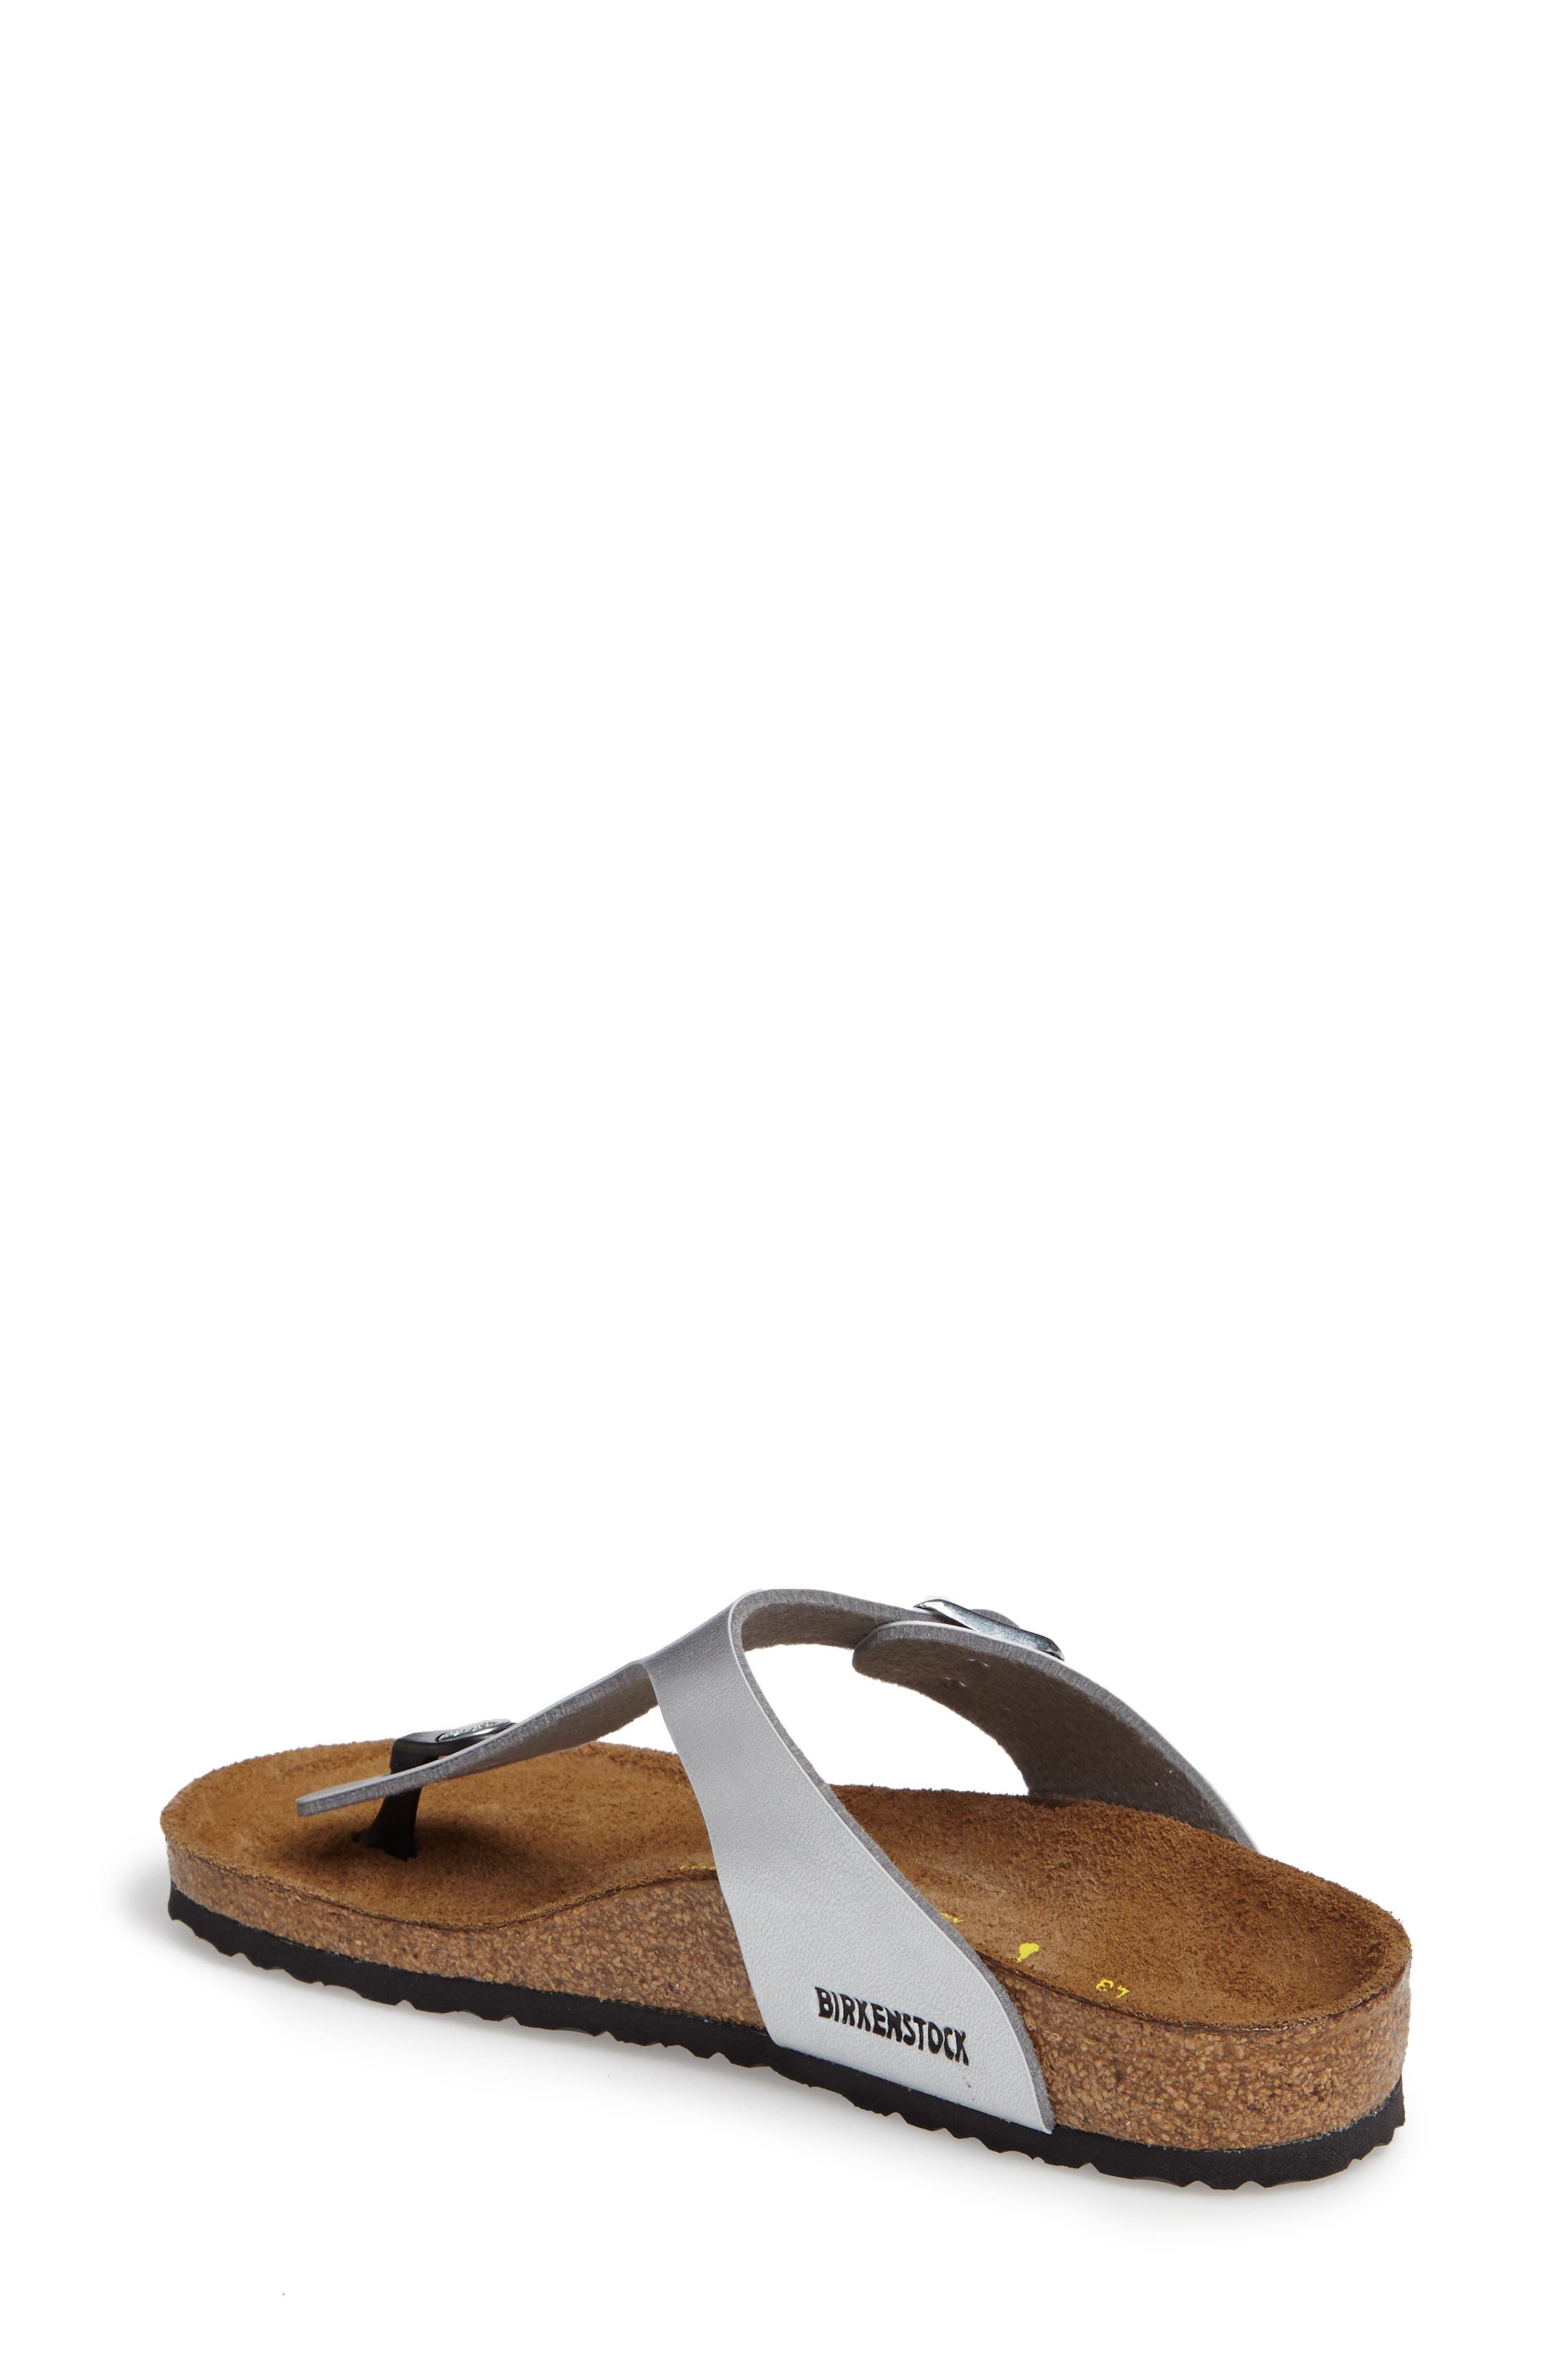 8d5faa701bb5 Kids  Birkenstock Shoes